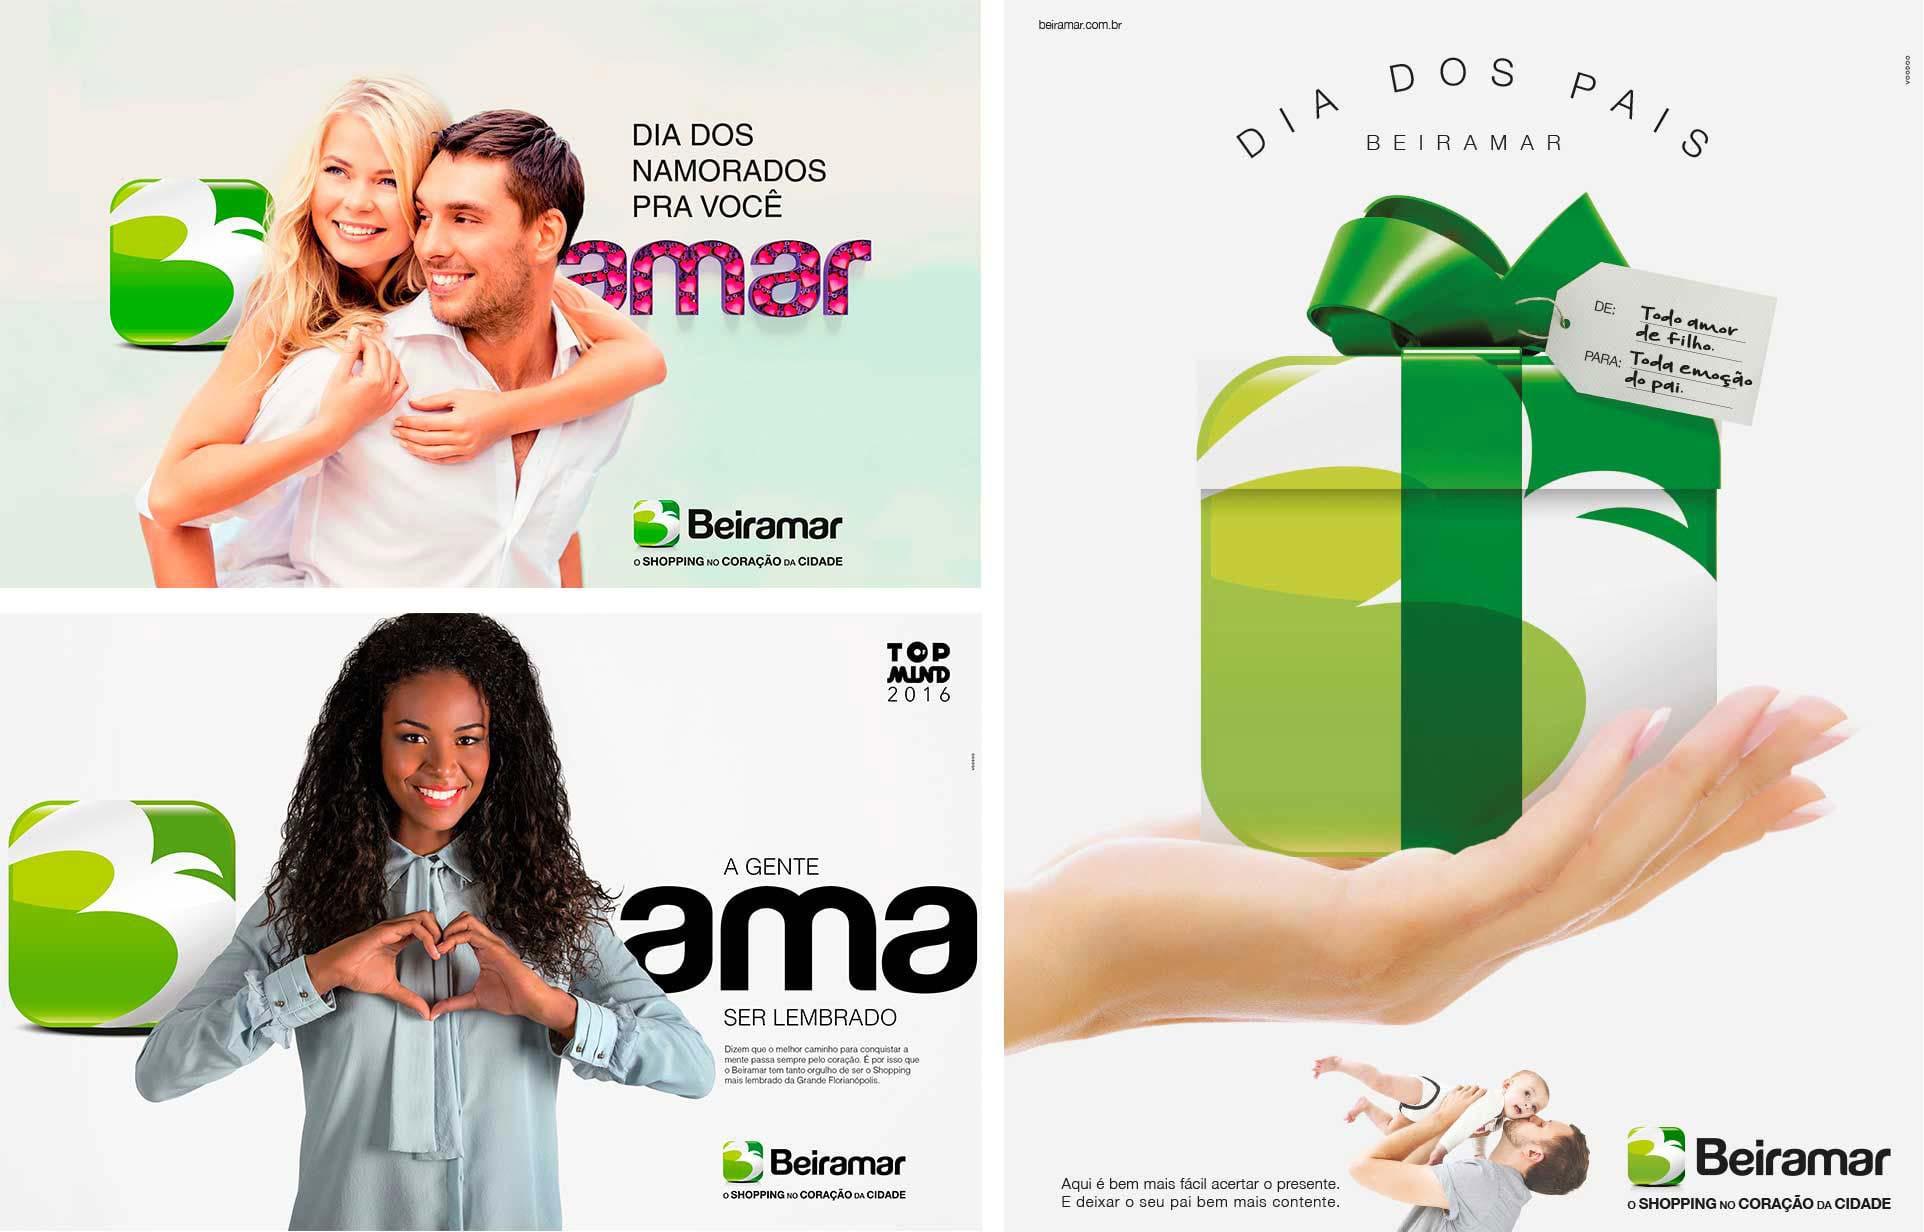 Beiramar Shopping